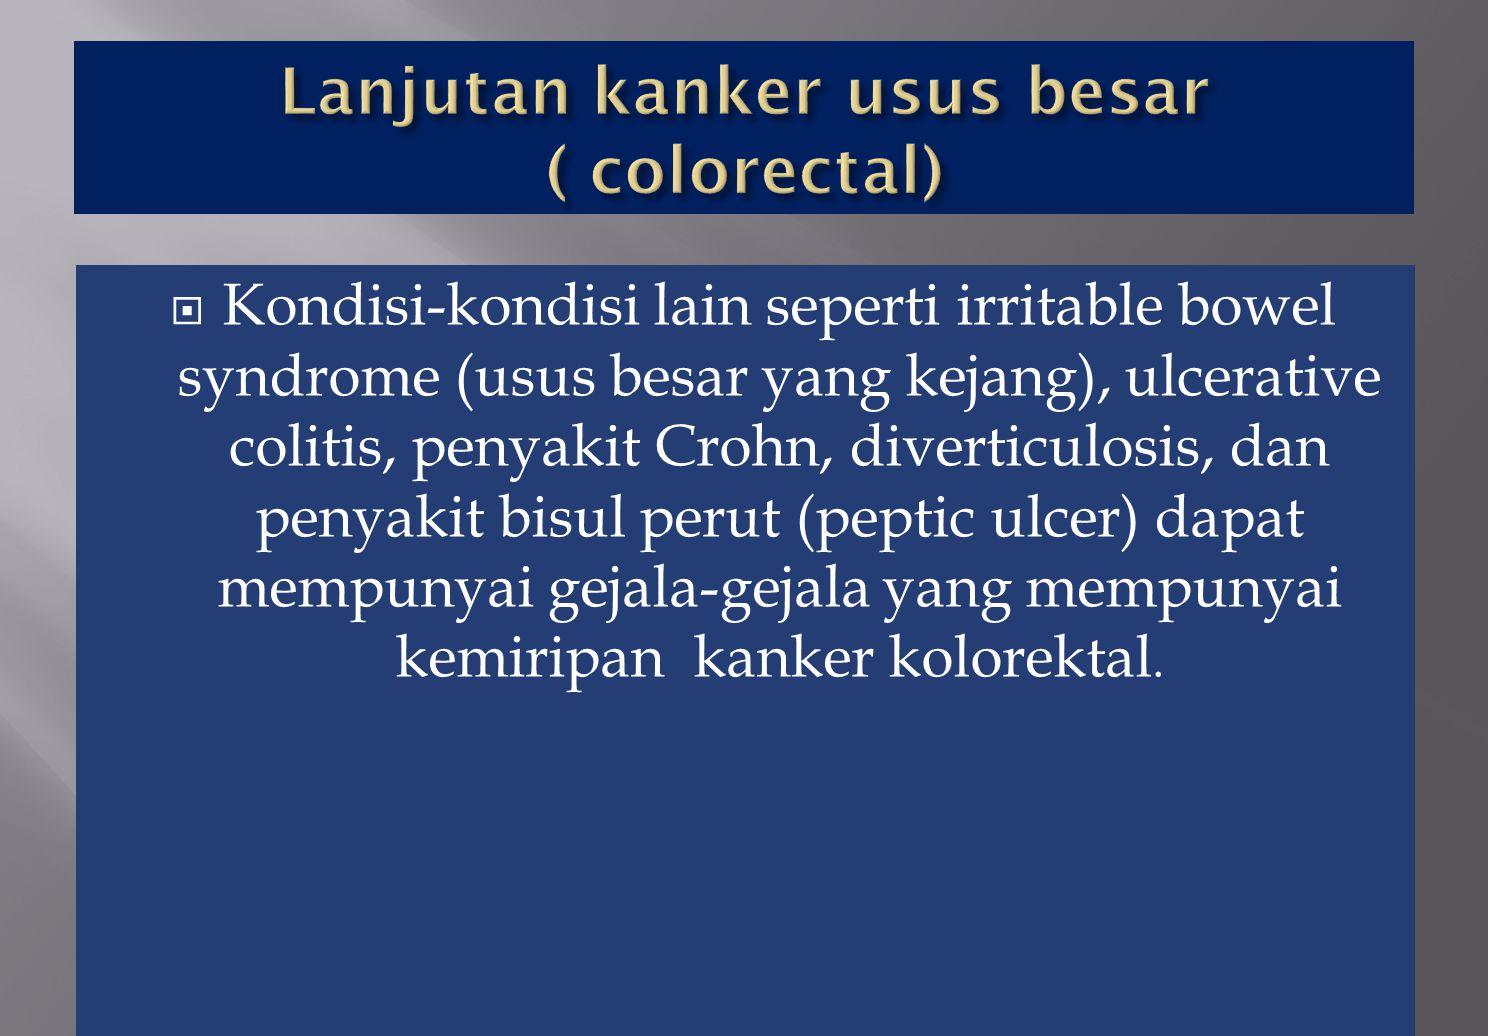  Kondisi-kondisi lain seperti irritable bowel syndrome (usus besar yang kejang), ulcerative colitis, penyakit Crohn, diverticulosis, dan penyakit bis